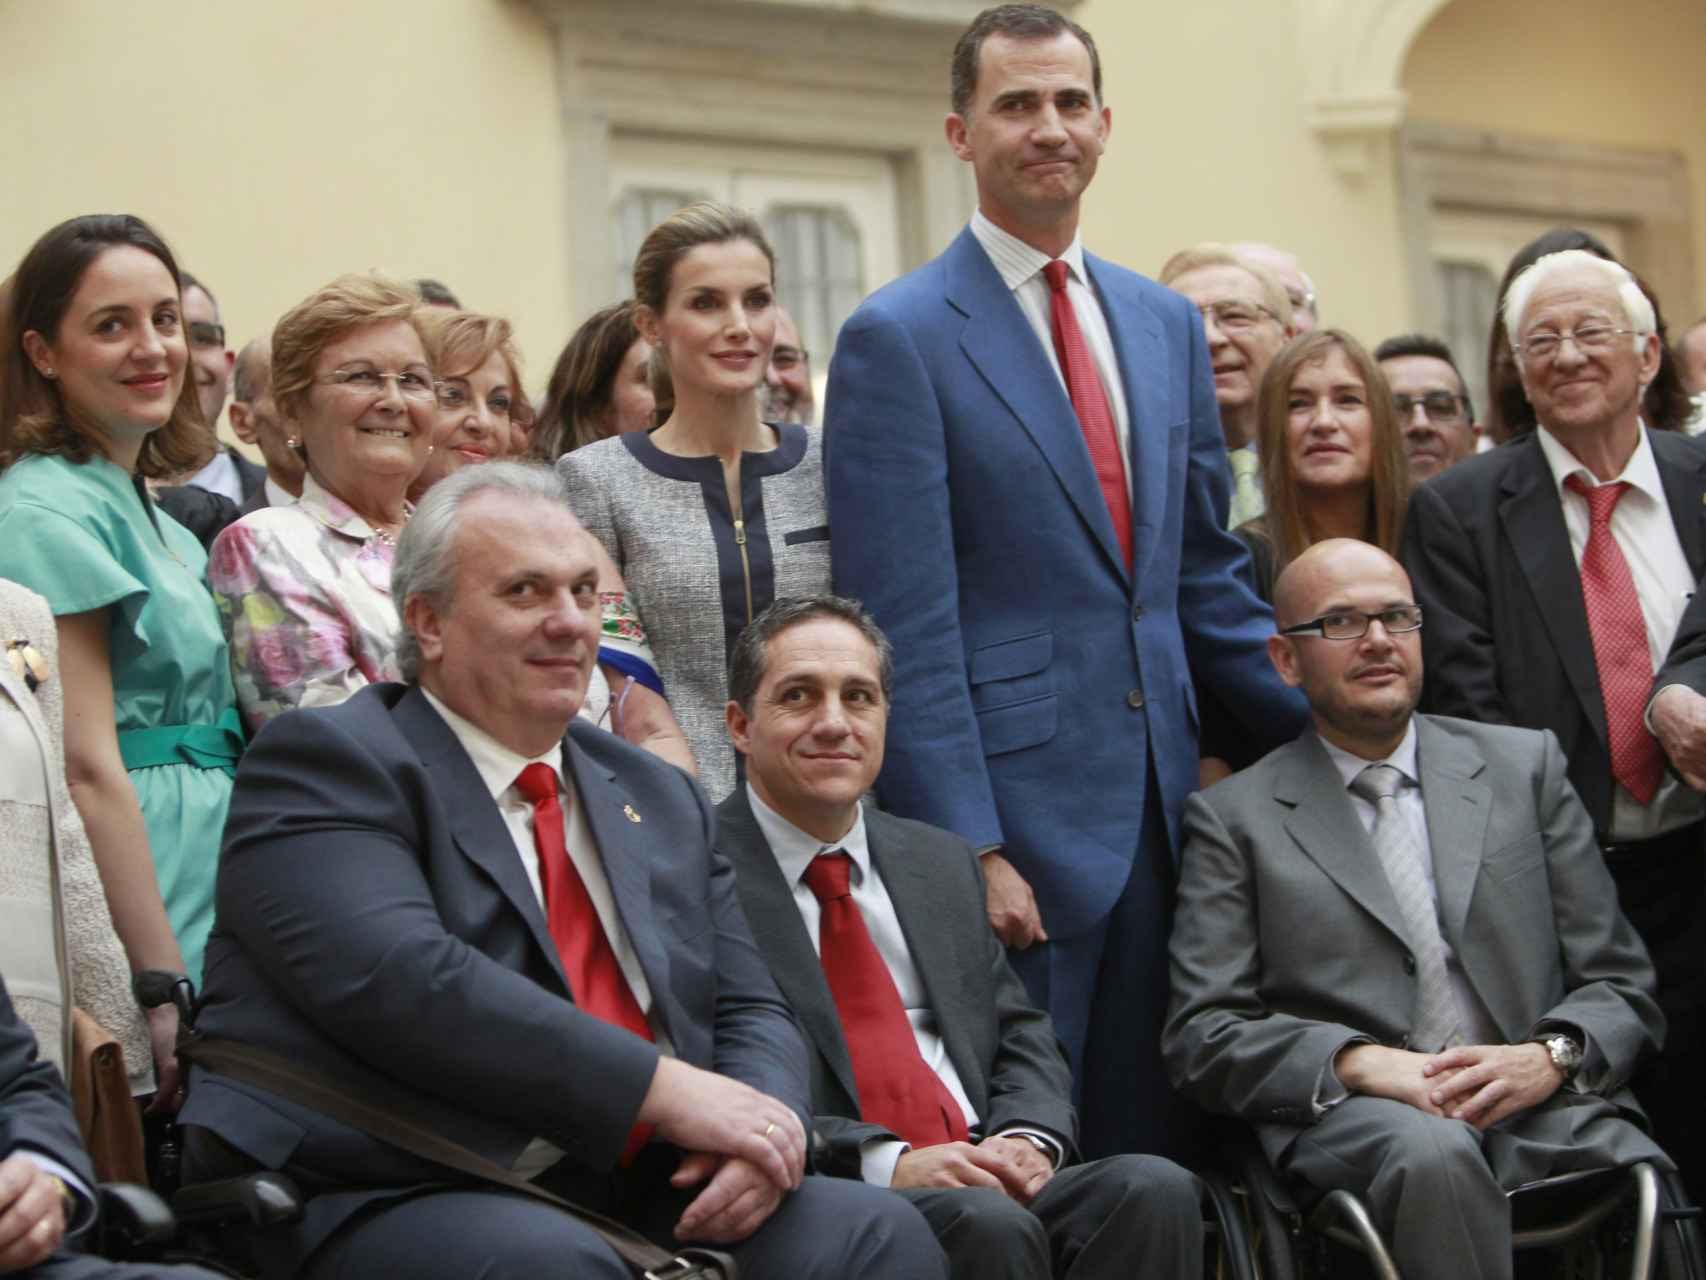 Los reyes en su segundo acto oficial como monarcas, en junio de 2014 en El Pardo.